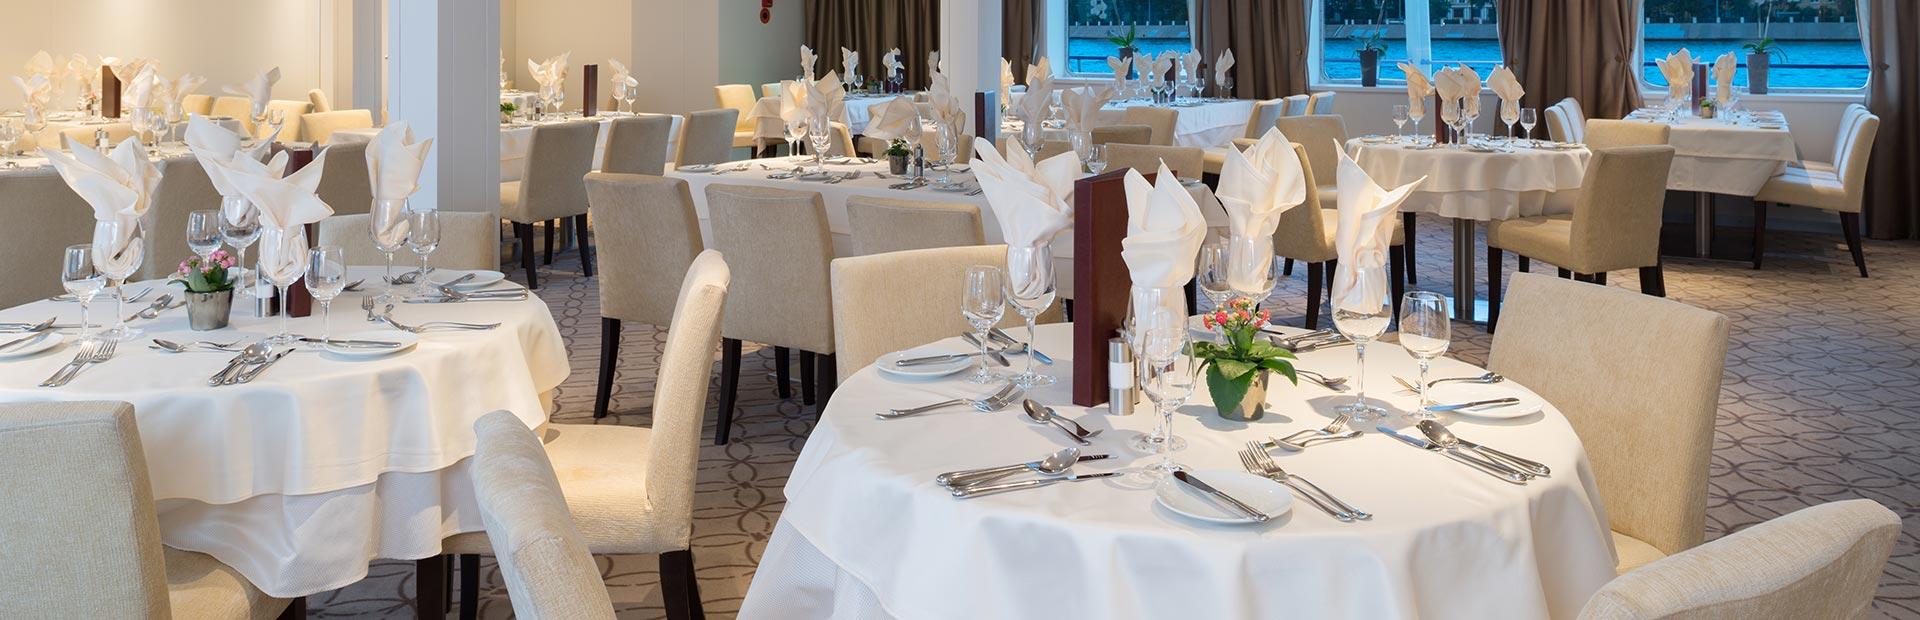 Scenic Tsar Restaurant